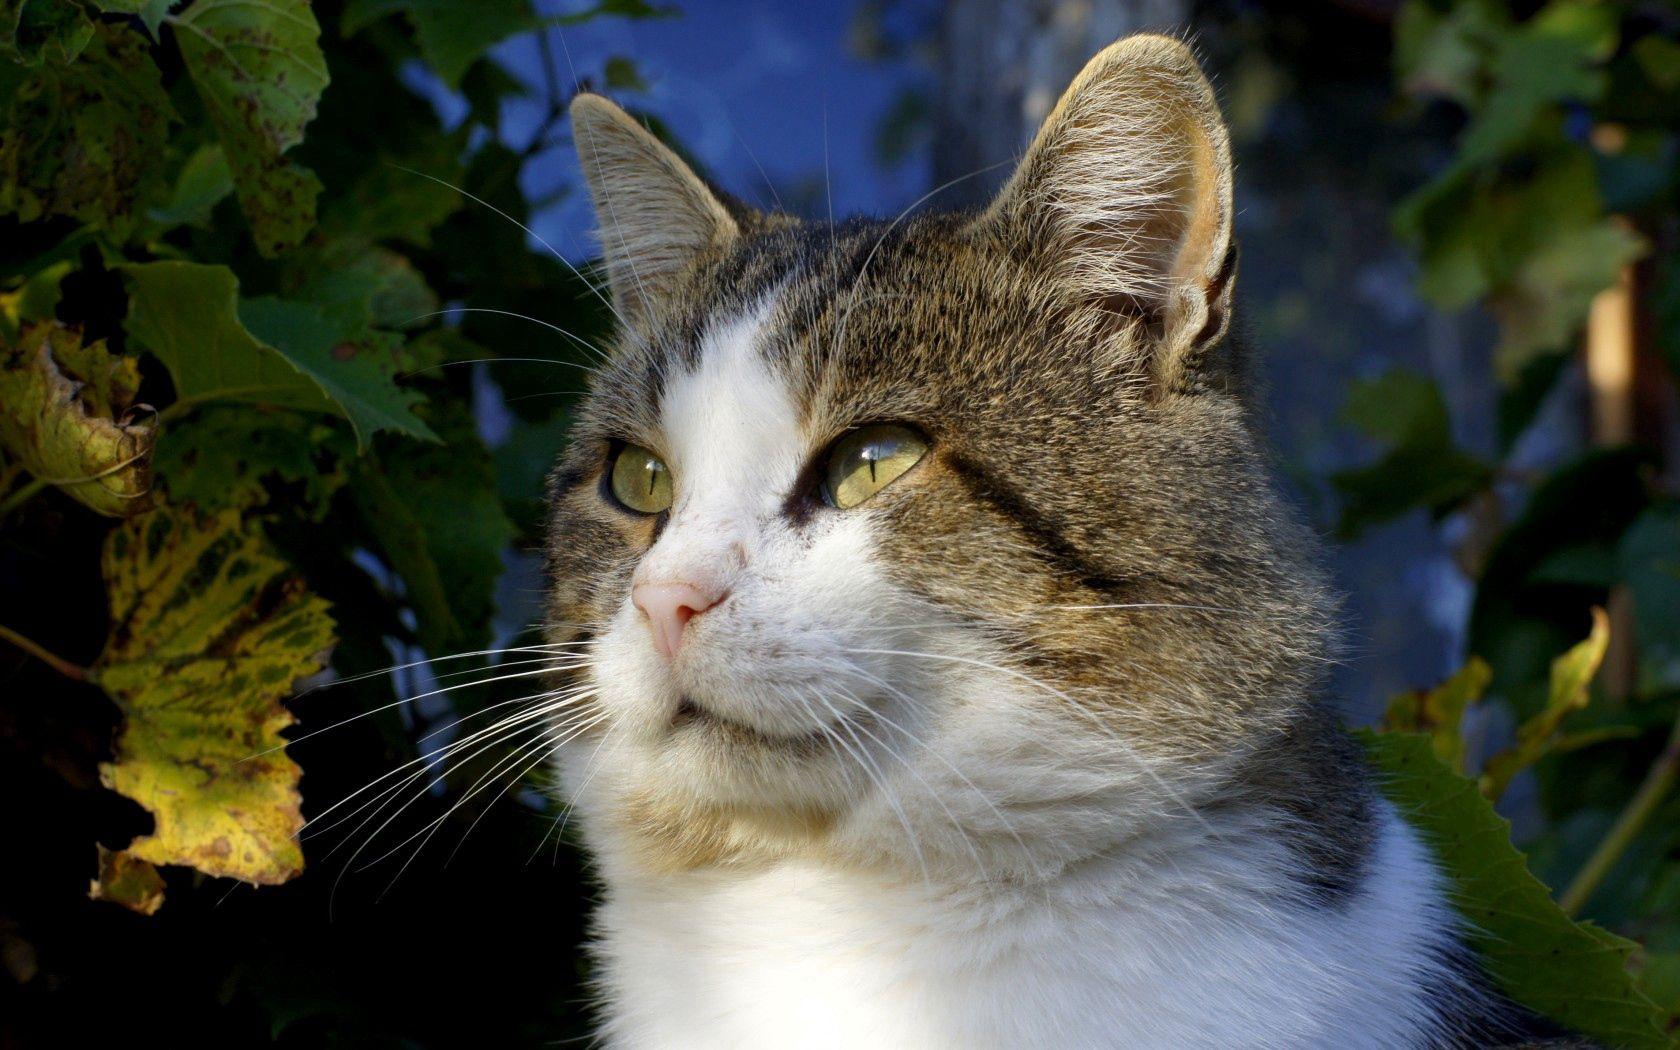 143290 скачать обои Животные, Кот, Зеленый, Листья, Осень, Взгляд, Глаза, Усы - заставки и картинки бесплатно